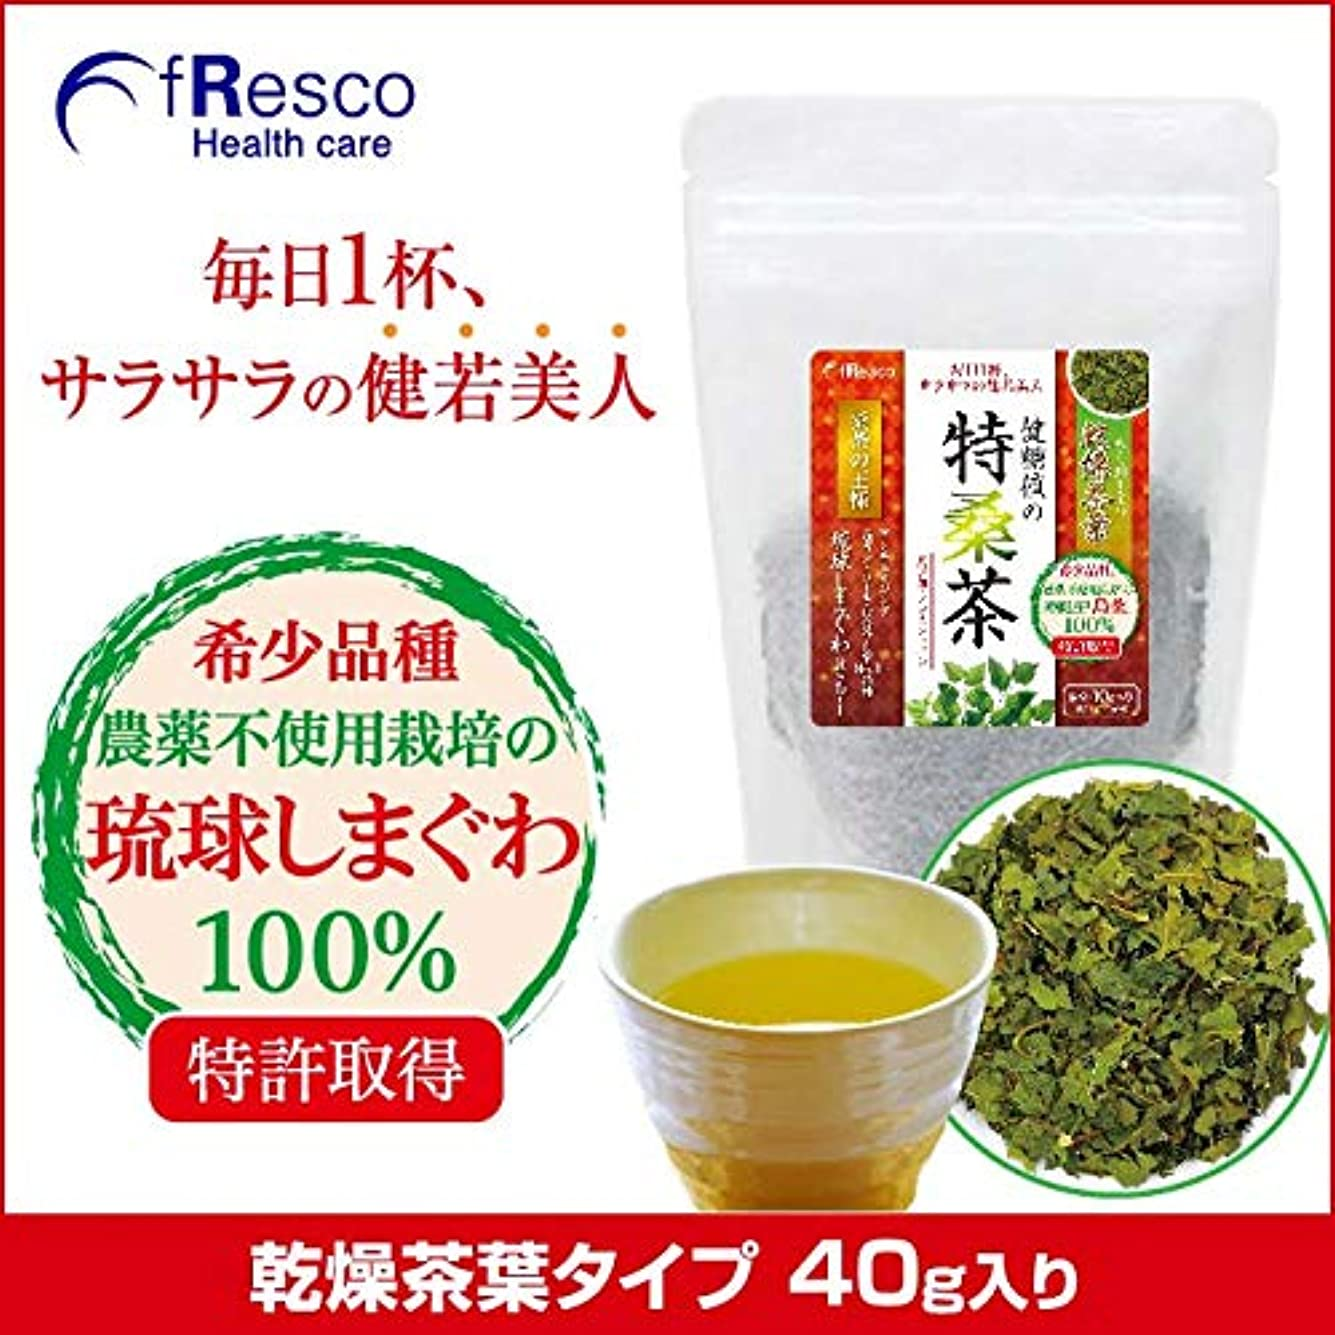 フィードオンモーションイライラする桑茶の王様 琉球しまぐわ 健糖値の特桑茶 乾燥茶葉